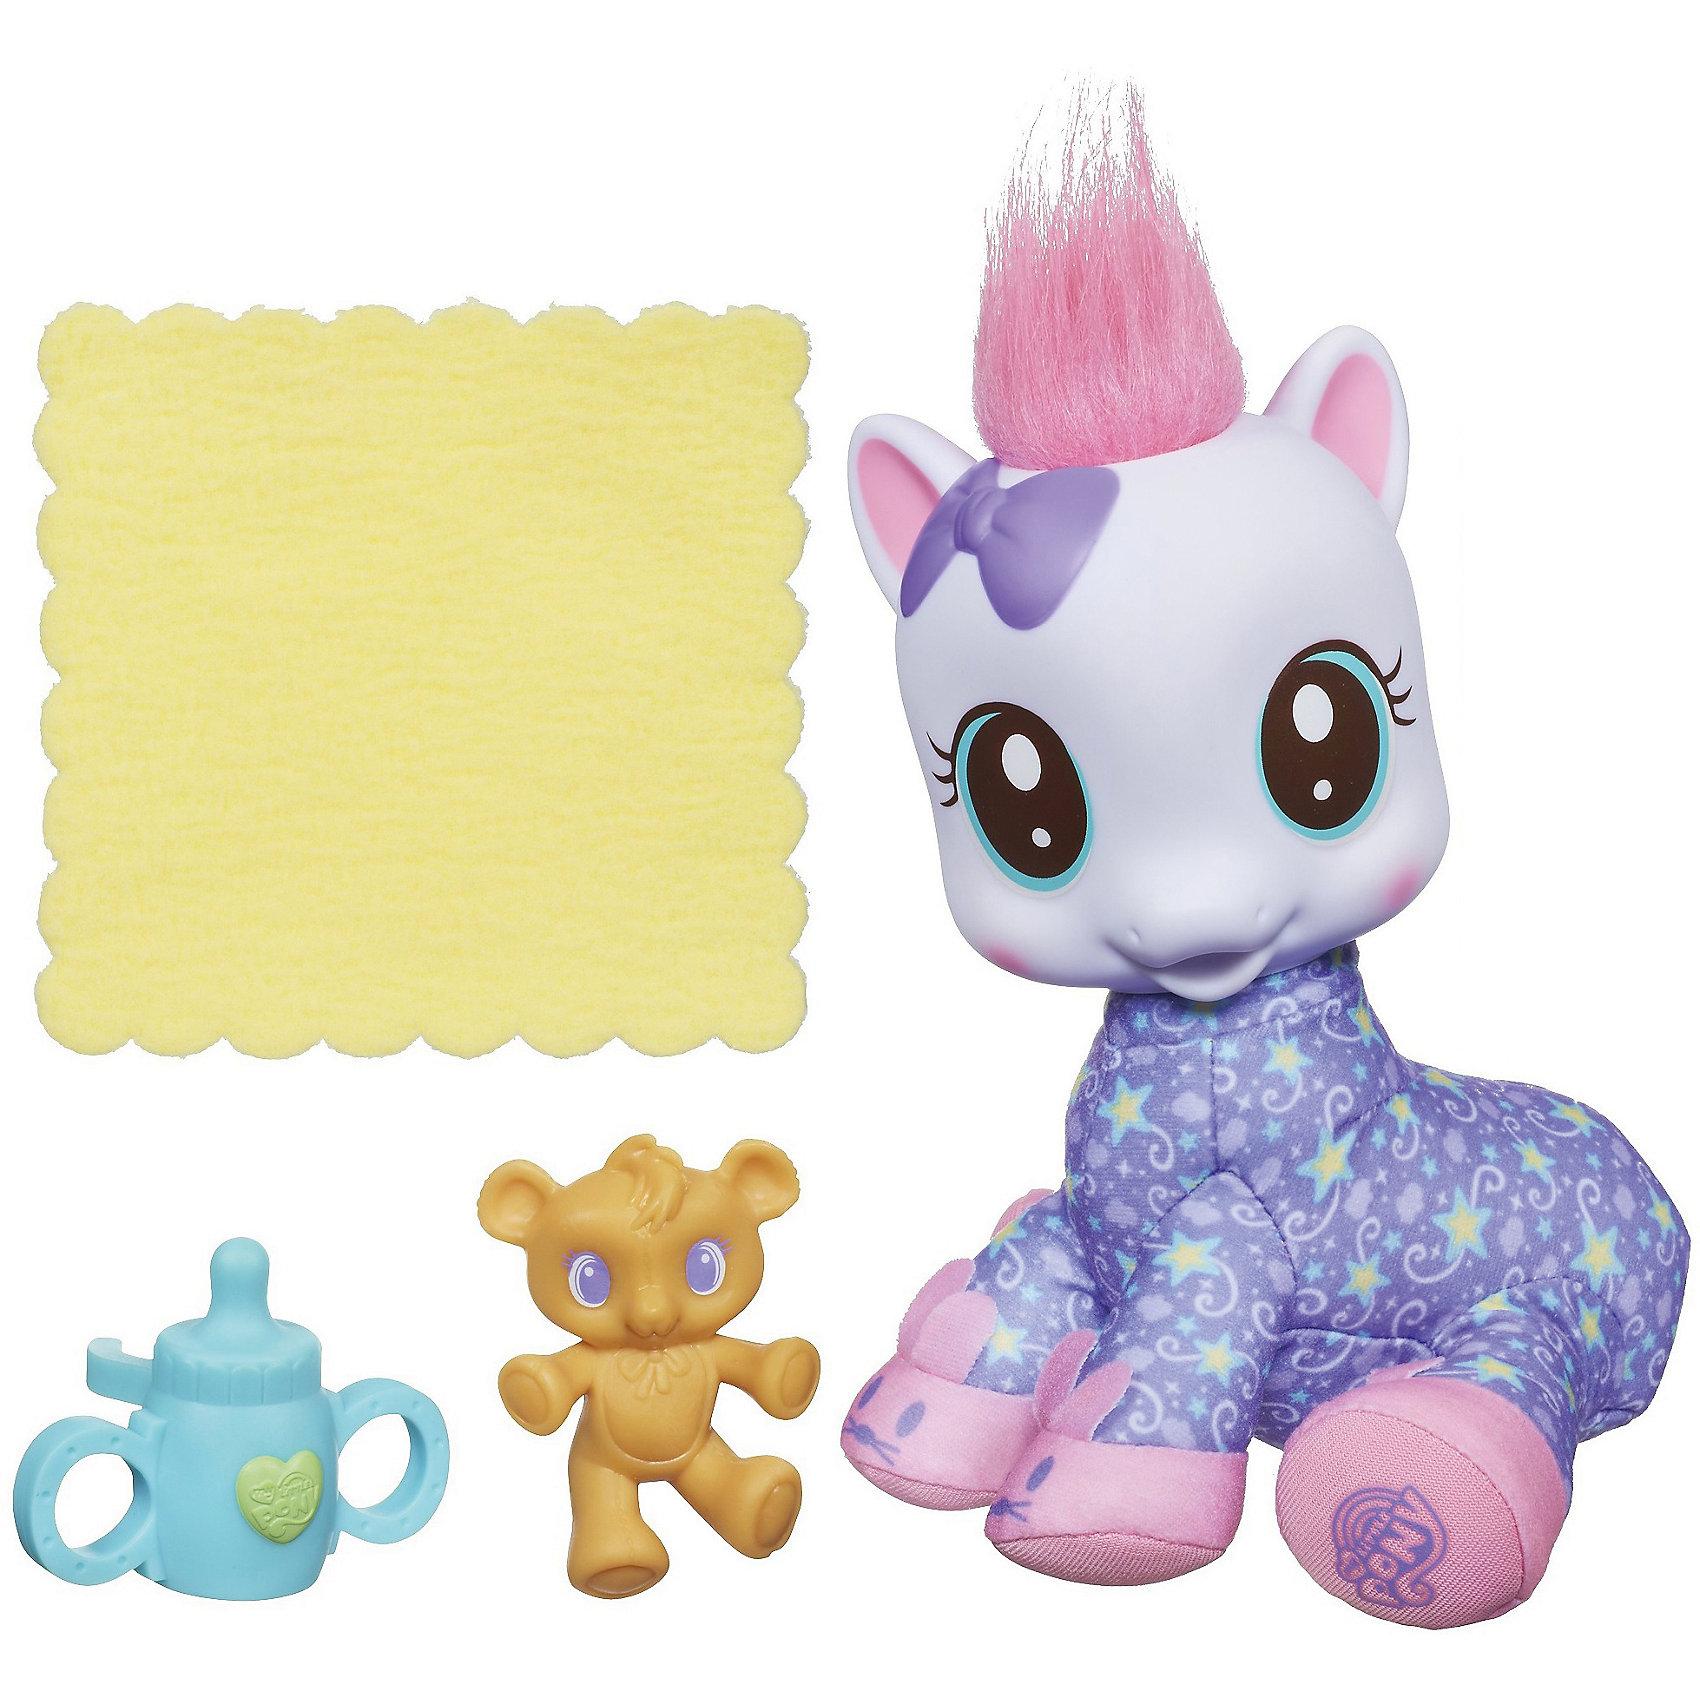 Мягкая малышка Lullaby Moon, My little PonyДевочки могут кормить своих плюшевых друзей пони! В наборе потрясающие аксессуары, очень простые в использовании. <br>В комплекте: маленькая пони с румянцем на щечках (голова пони пластиковая, тельце мягкое), аксессуары (соска, игрушка, бутылочка).<br><br>Дополнительная информация:<br><br>- Высота маленькой пони: 17 см.<br><br>My little Pony Мягкую малышку  Lullaby Moon можно купить в нашем магазине.<br><br>Ширина мм: 205<br>Глубина мм: 75<br>Высота мм: 200<br>Вес г: 320<br>Возраст от месяцев: 36<br>Возраст до месяцев: 72<br>Пол: Женский<br>Возраст: Детский<br>SKU: 4352940